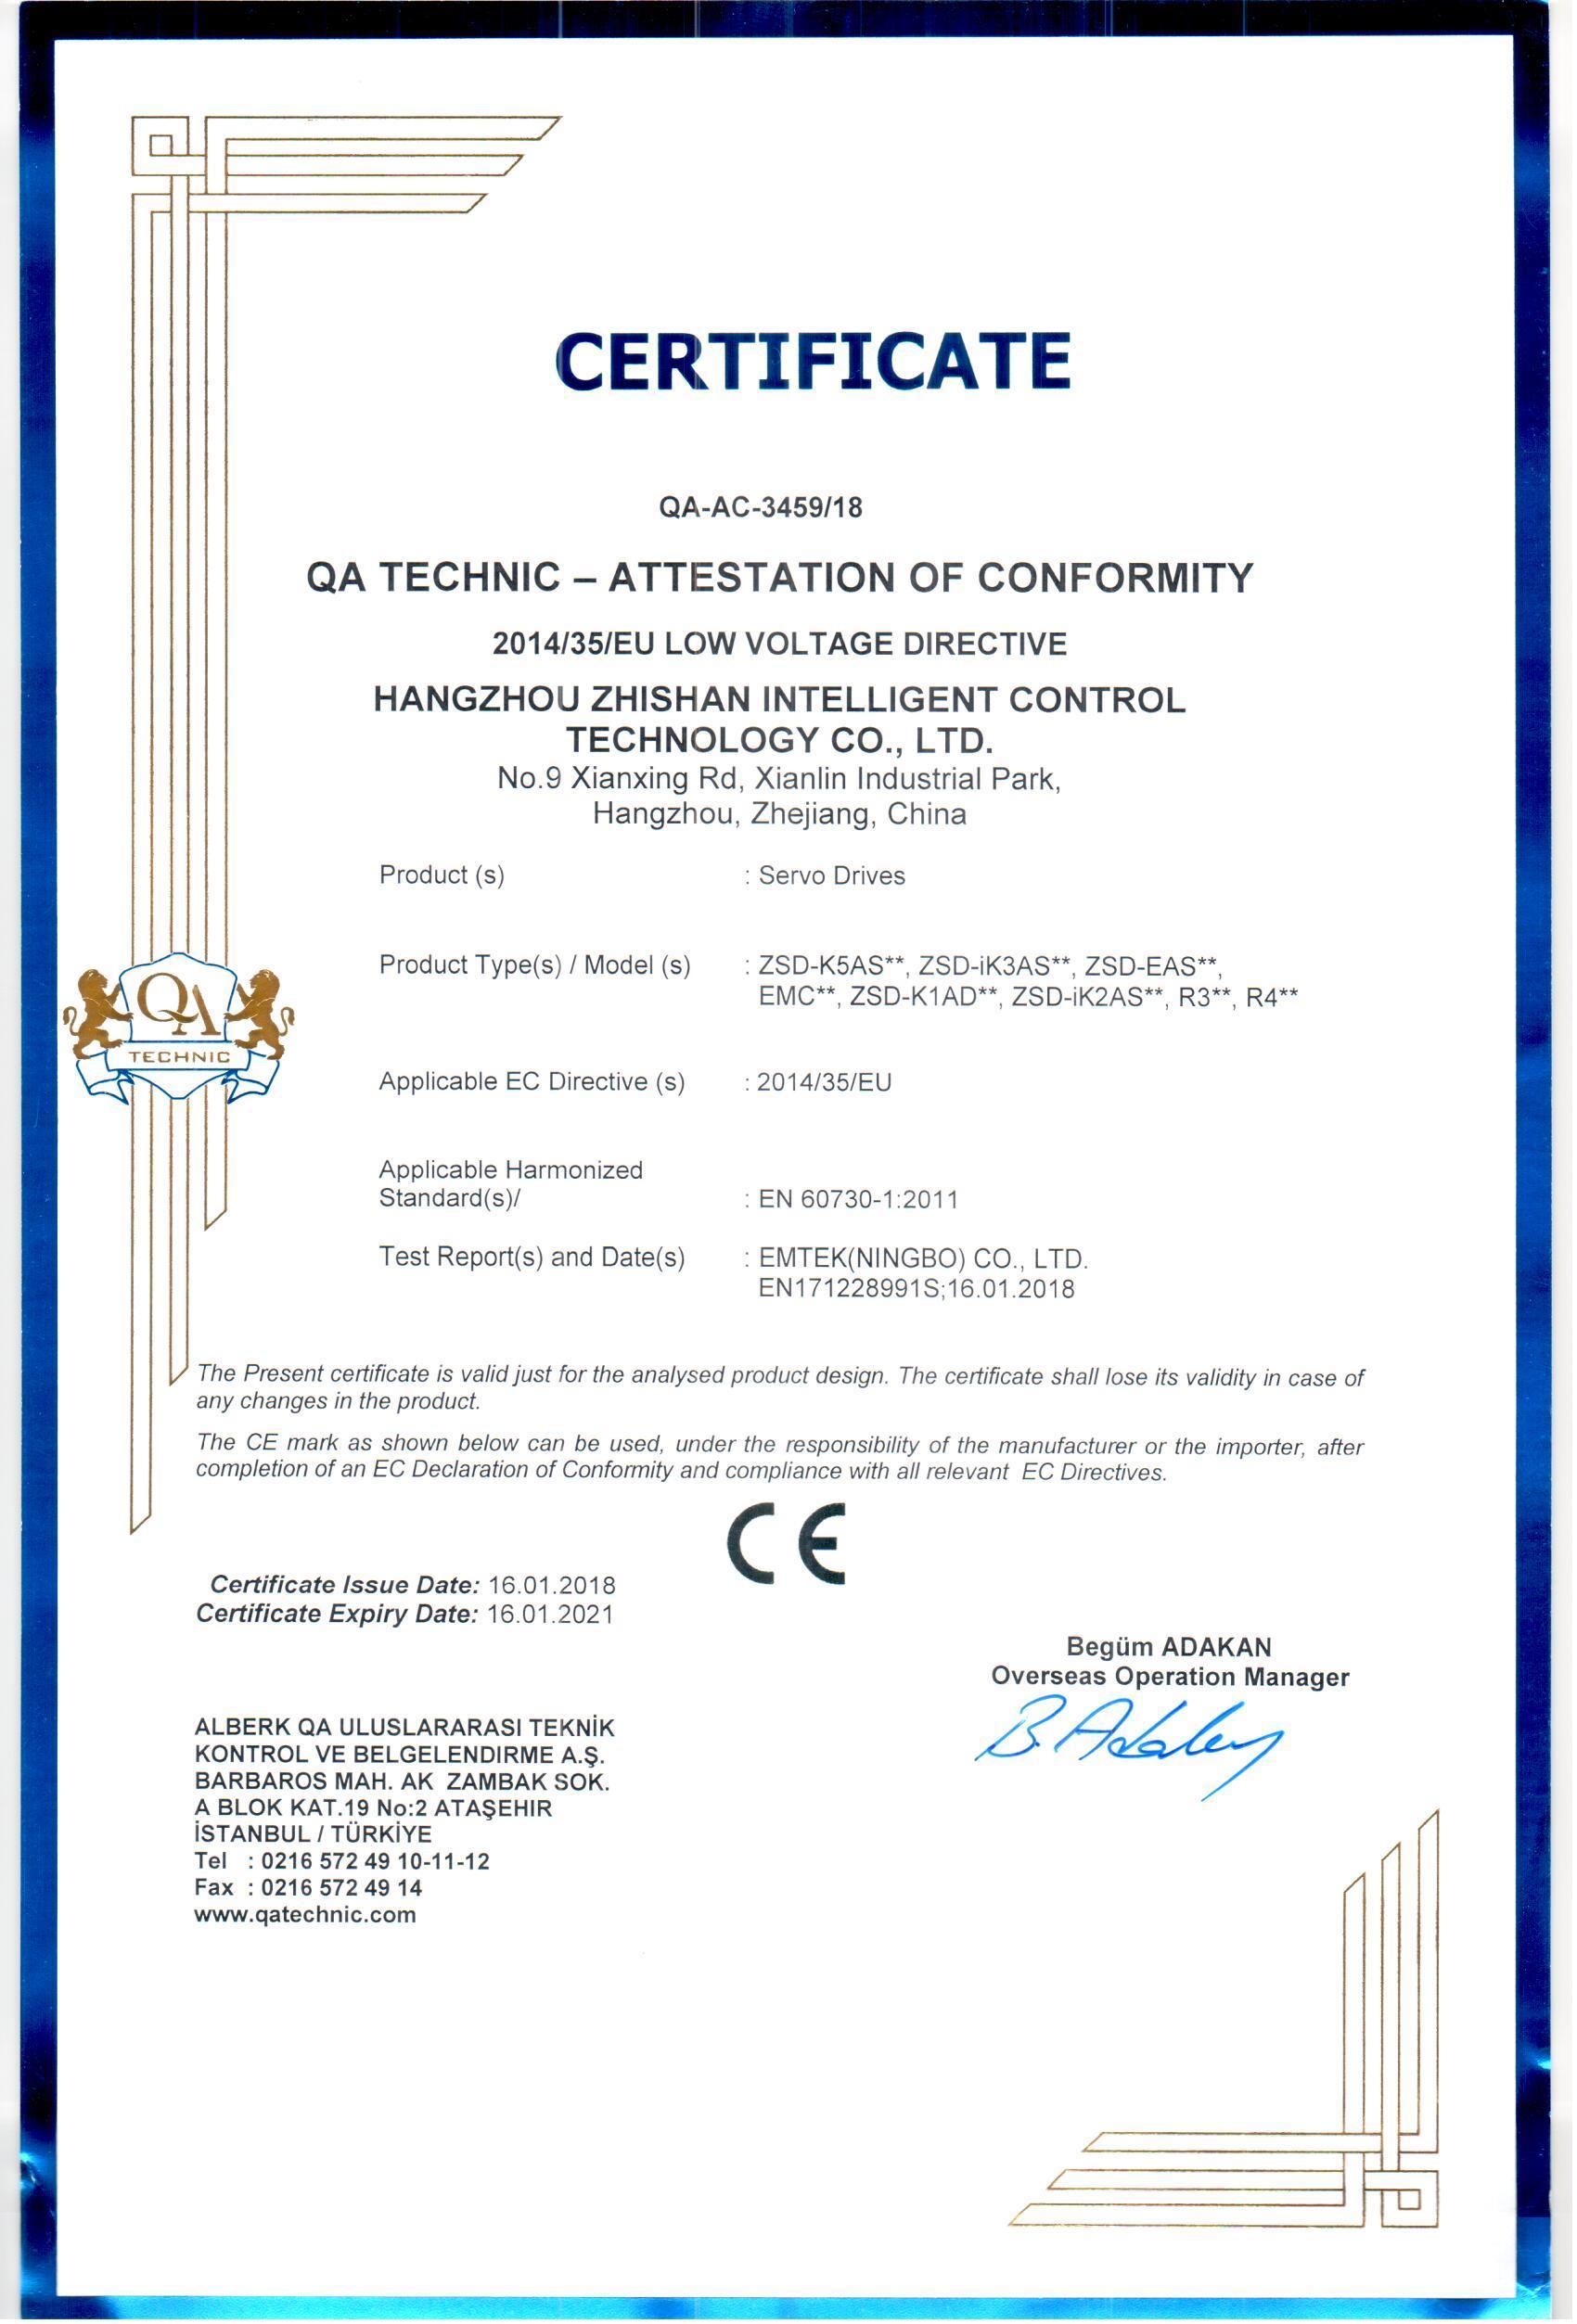 伺服驱动器产品认证